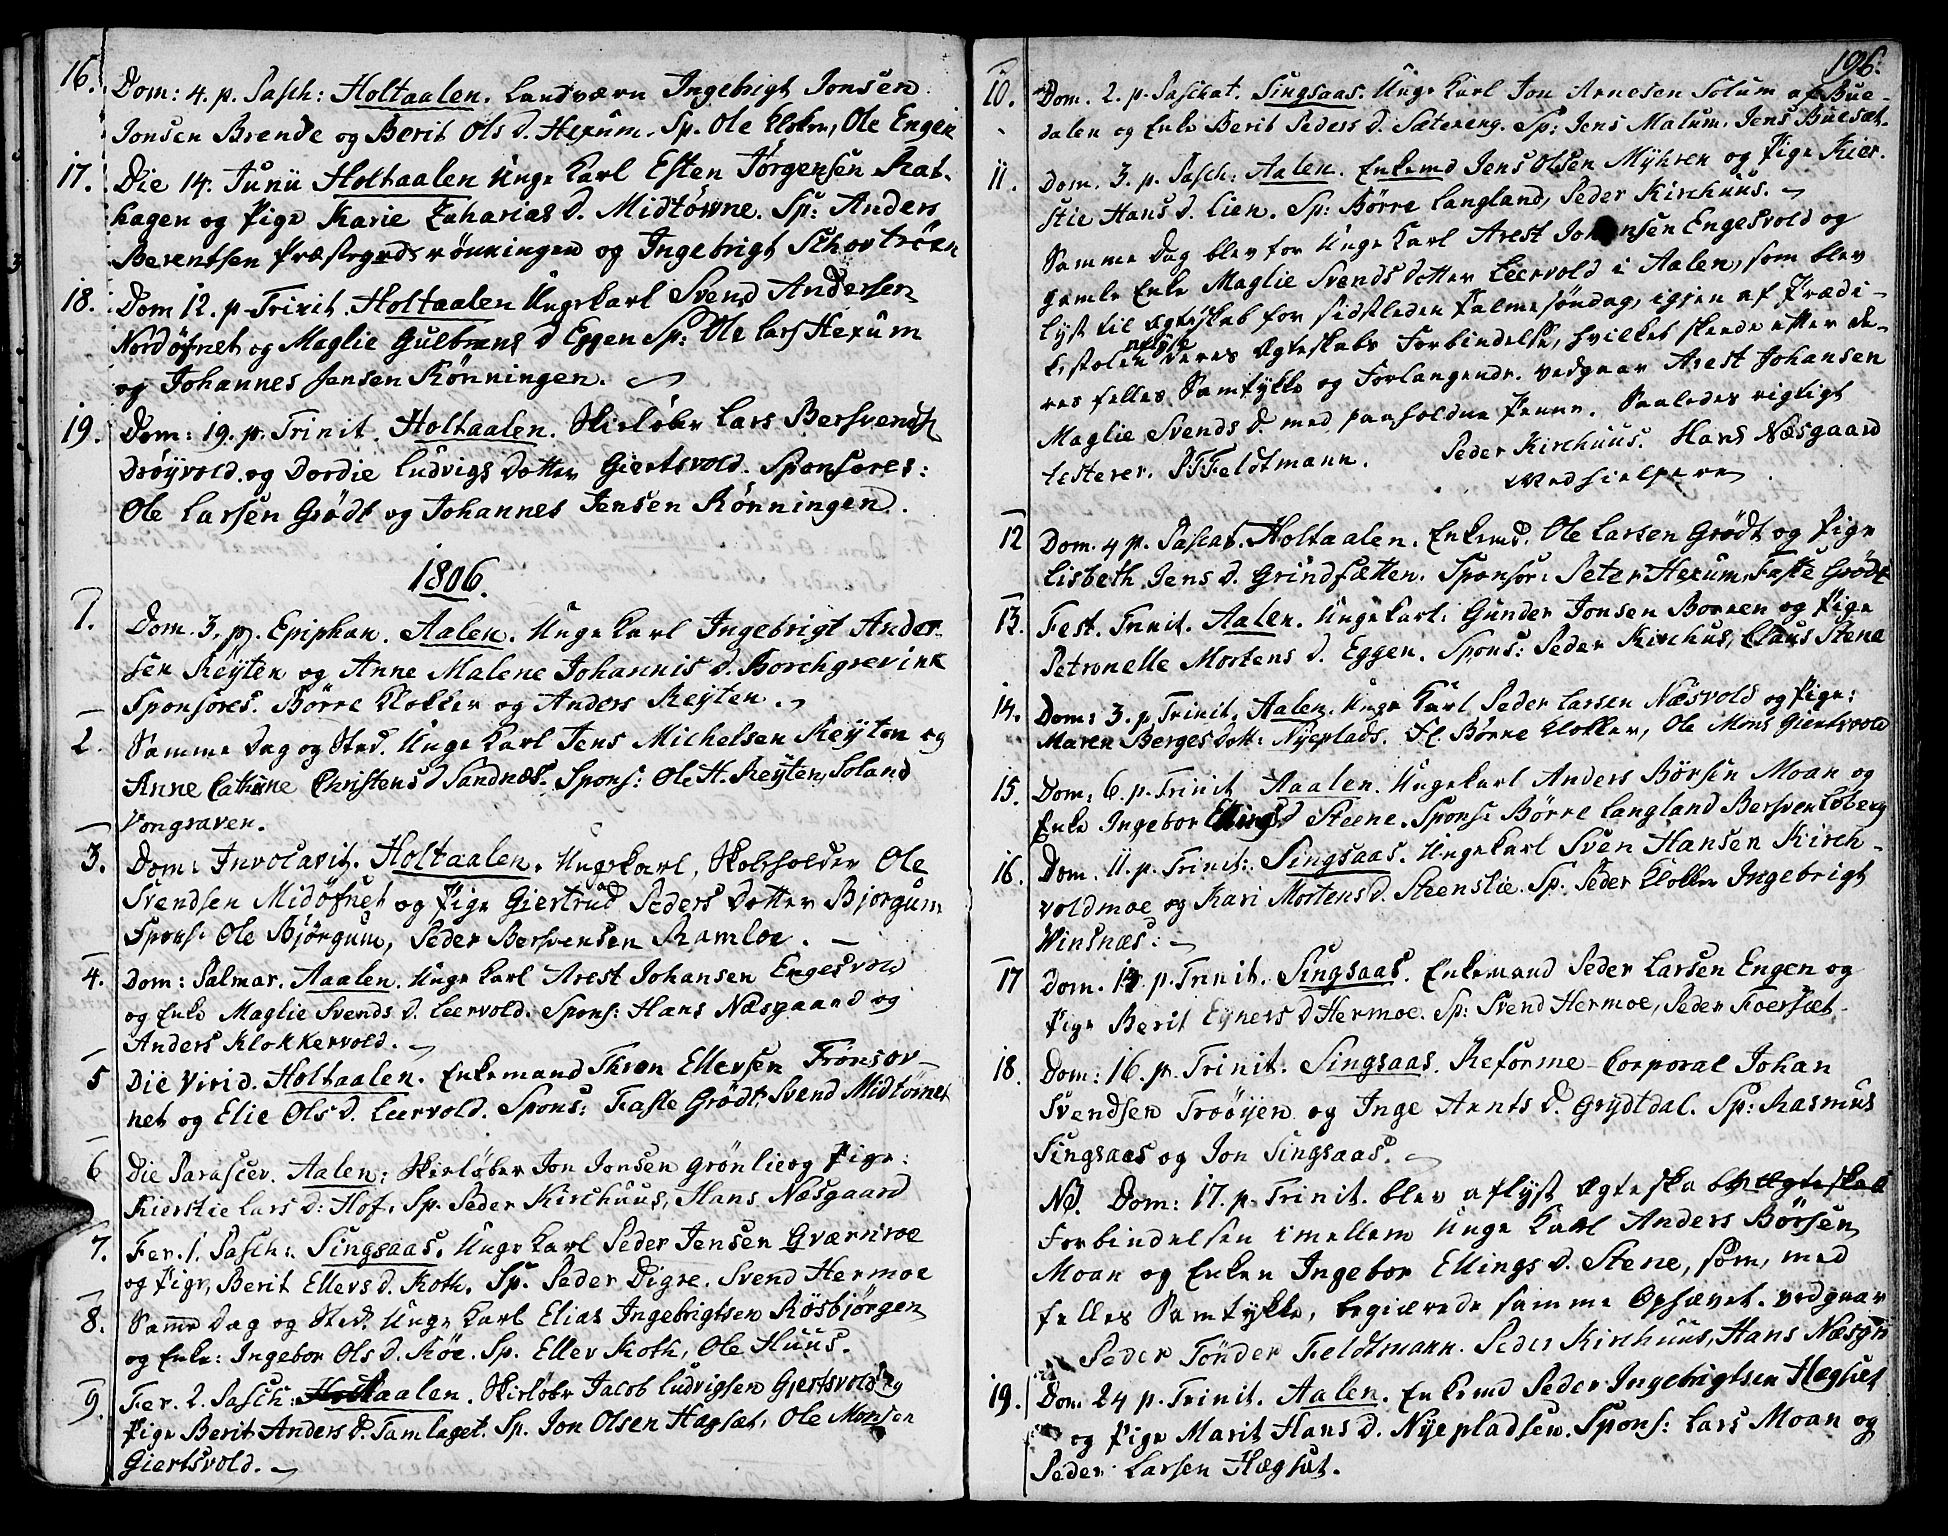 SAT, Ministerialprotokoller, klokkerbøker og fødselsregistre - Sør-Trøndelag, 685/L0953: Ministerialbok nr. 685A02, 1805-1816, s. 196